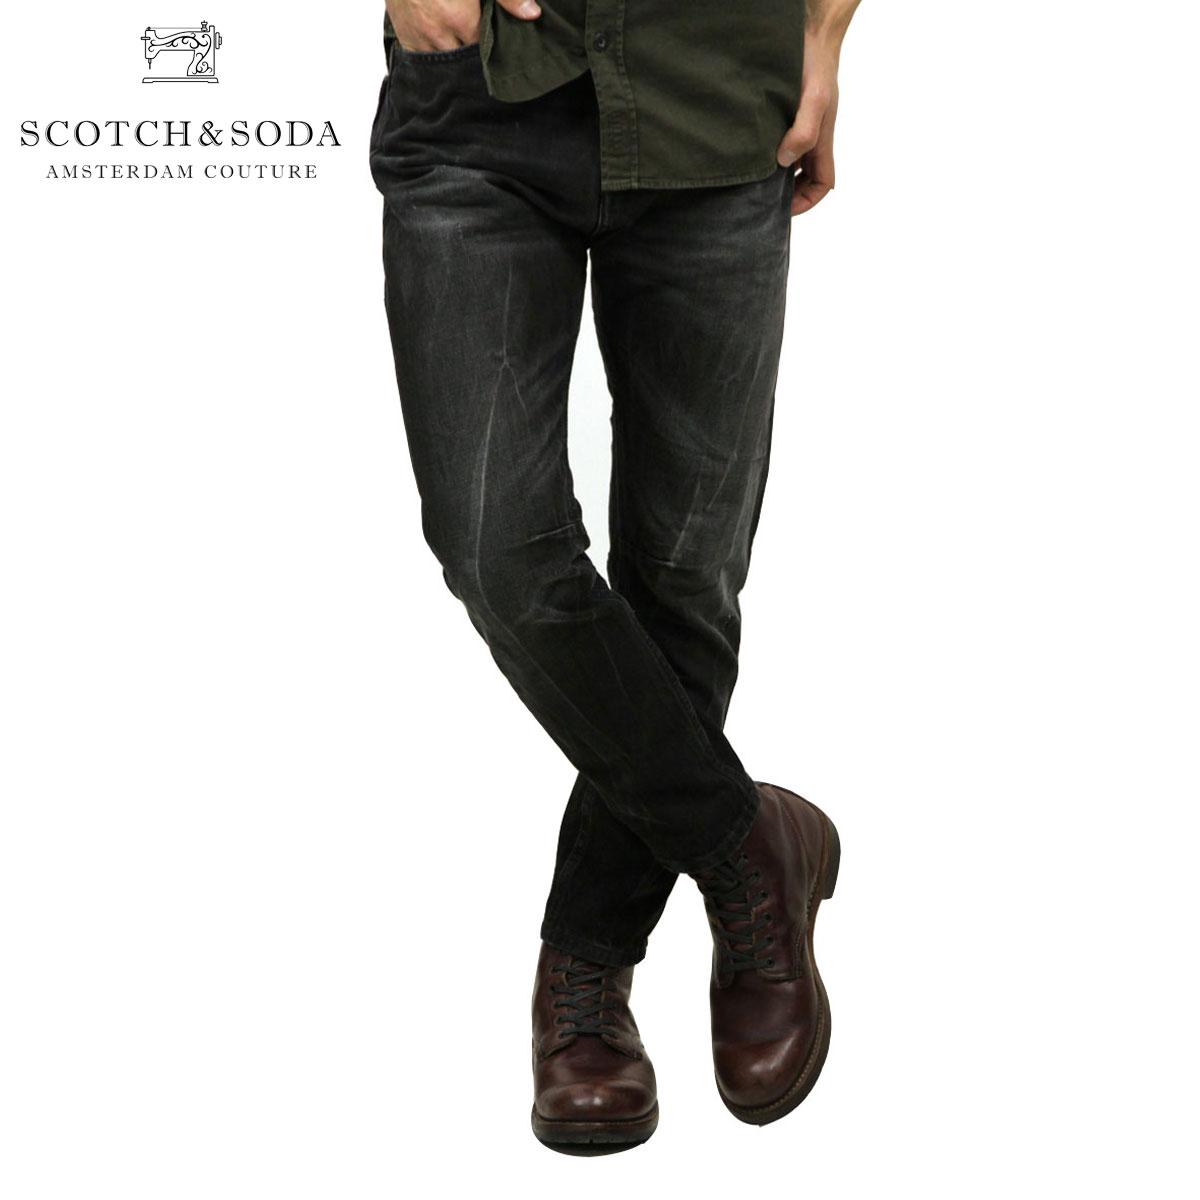 スコッチアンドソーダ SCOTCH&SODA 正規販売店 メンズ ジーンズ Stump - Rockafella 89368 90 D15S25